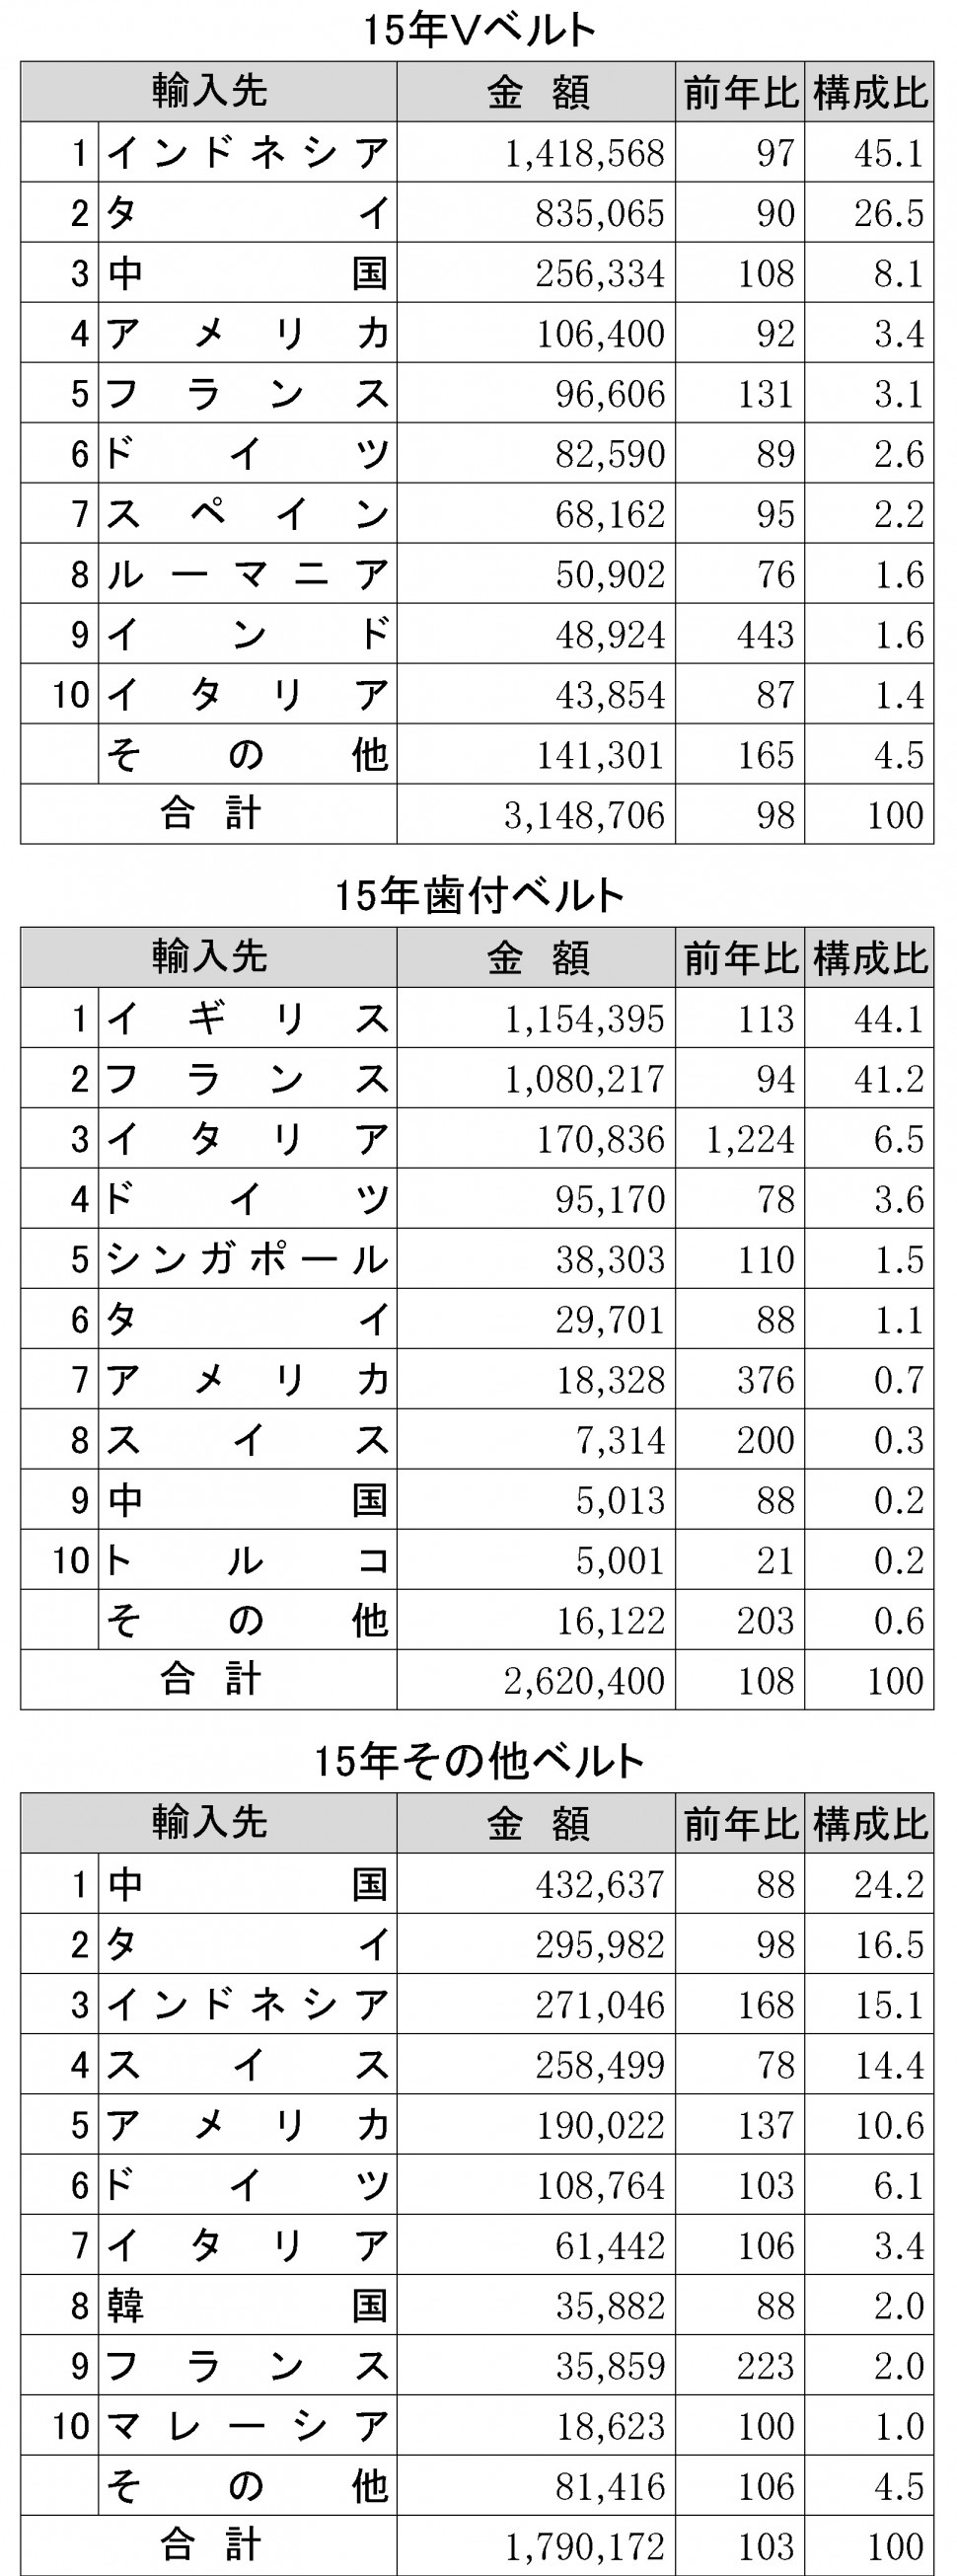 2015年ゴムベルト輸入状況表②